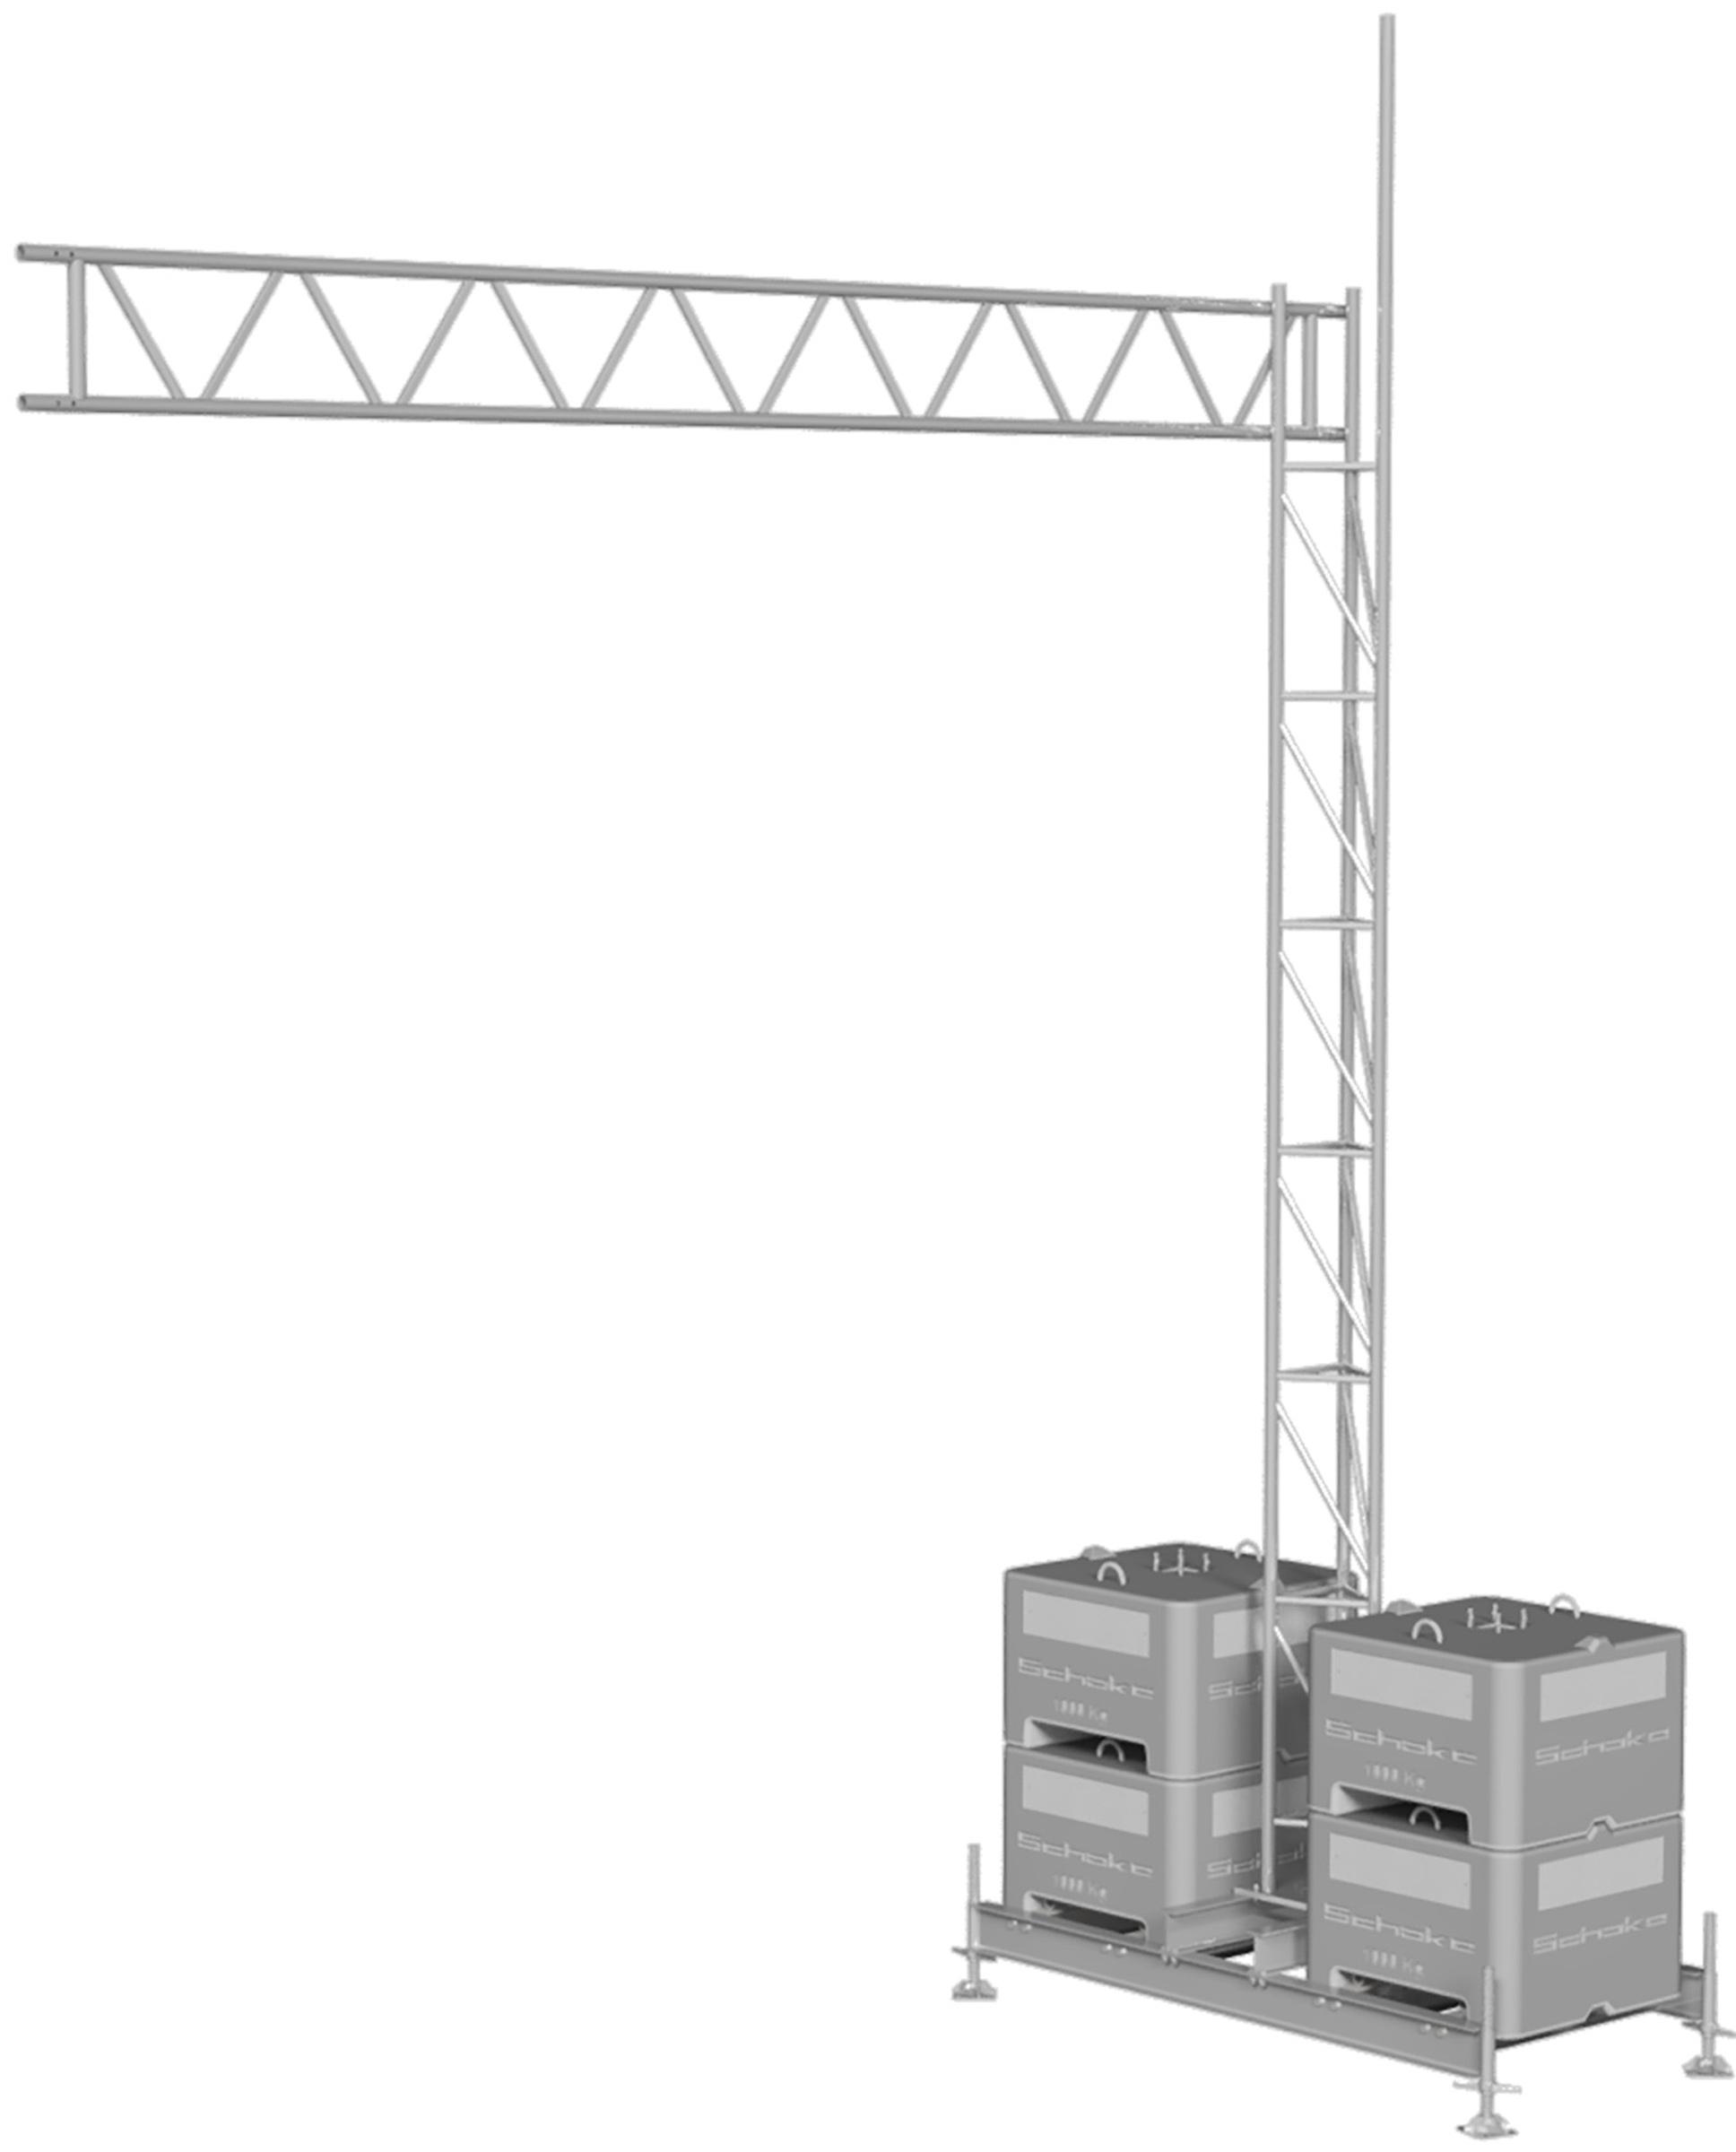 Schake Aufstellvorrichtung Gittermast mit Kragarm